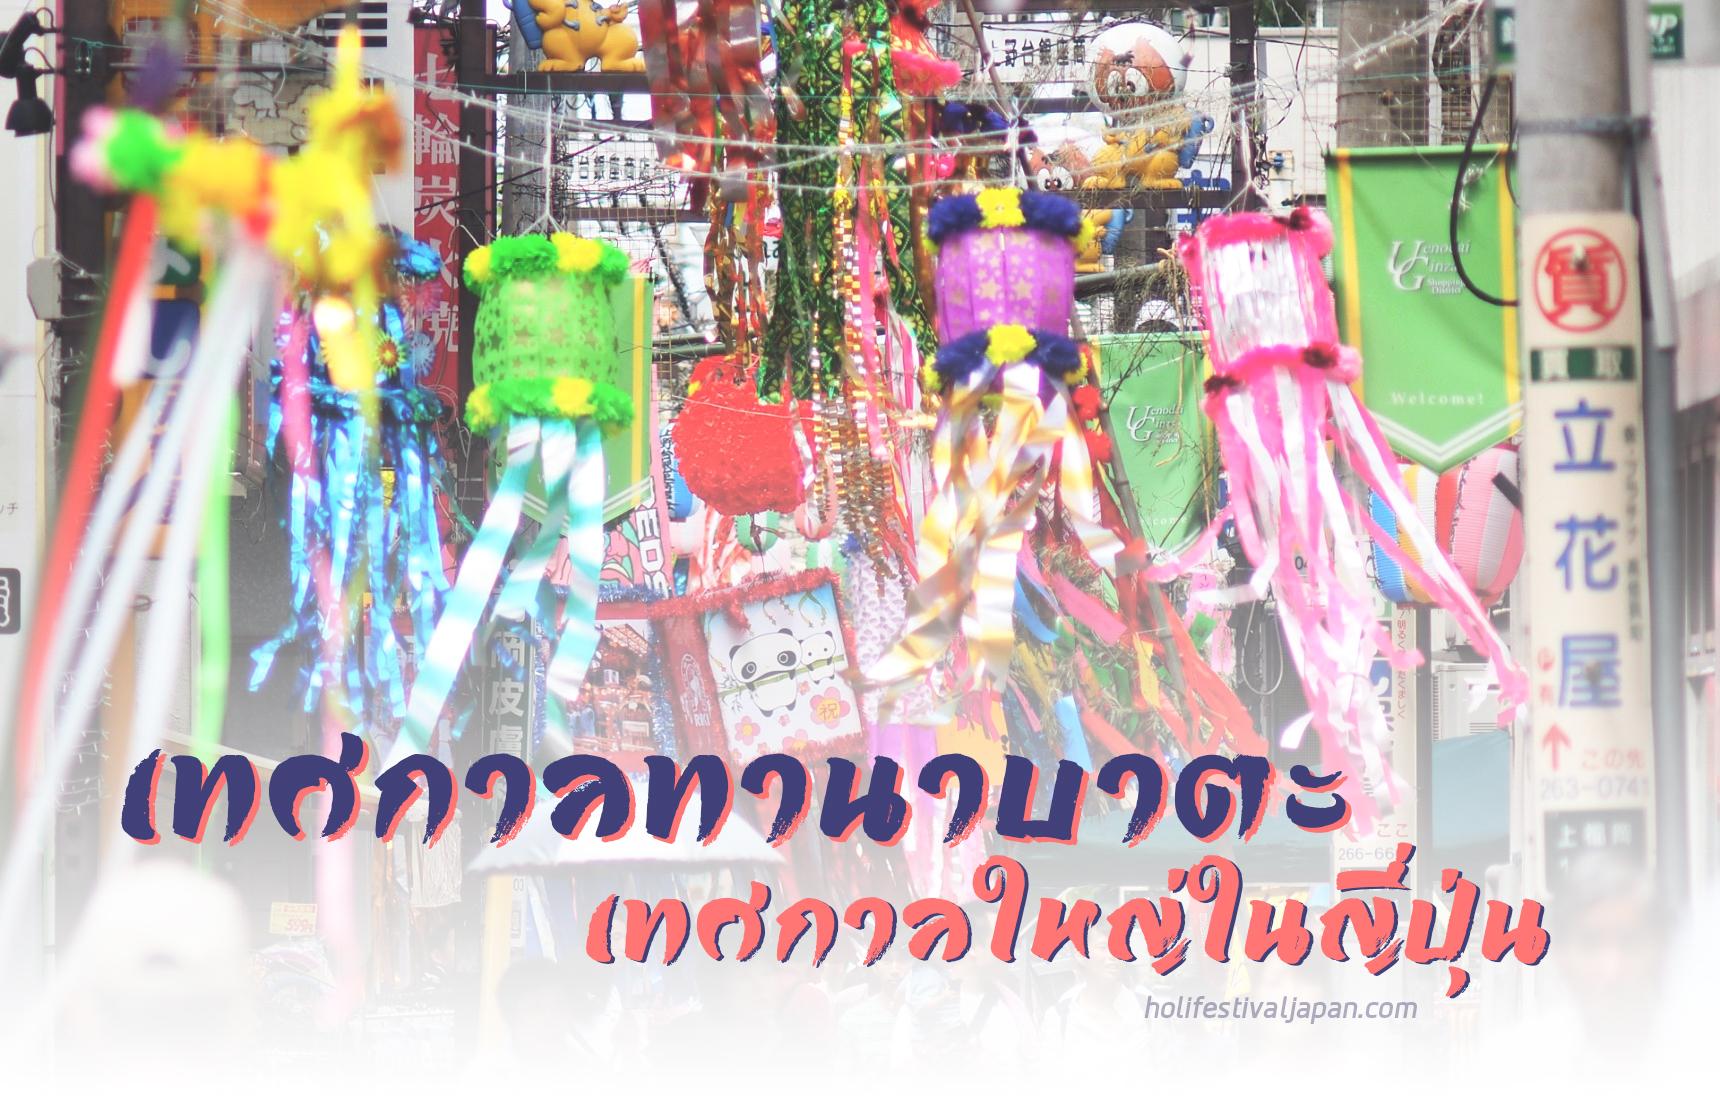 เทศกาลทานาบาตะ เทศกาลใหญ่ในญี่ปุ่น